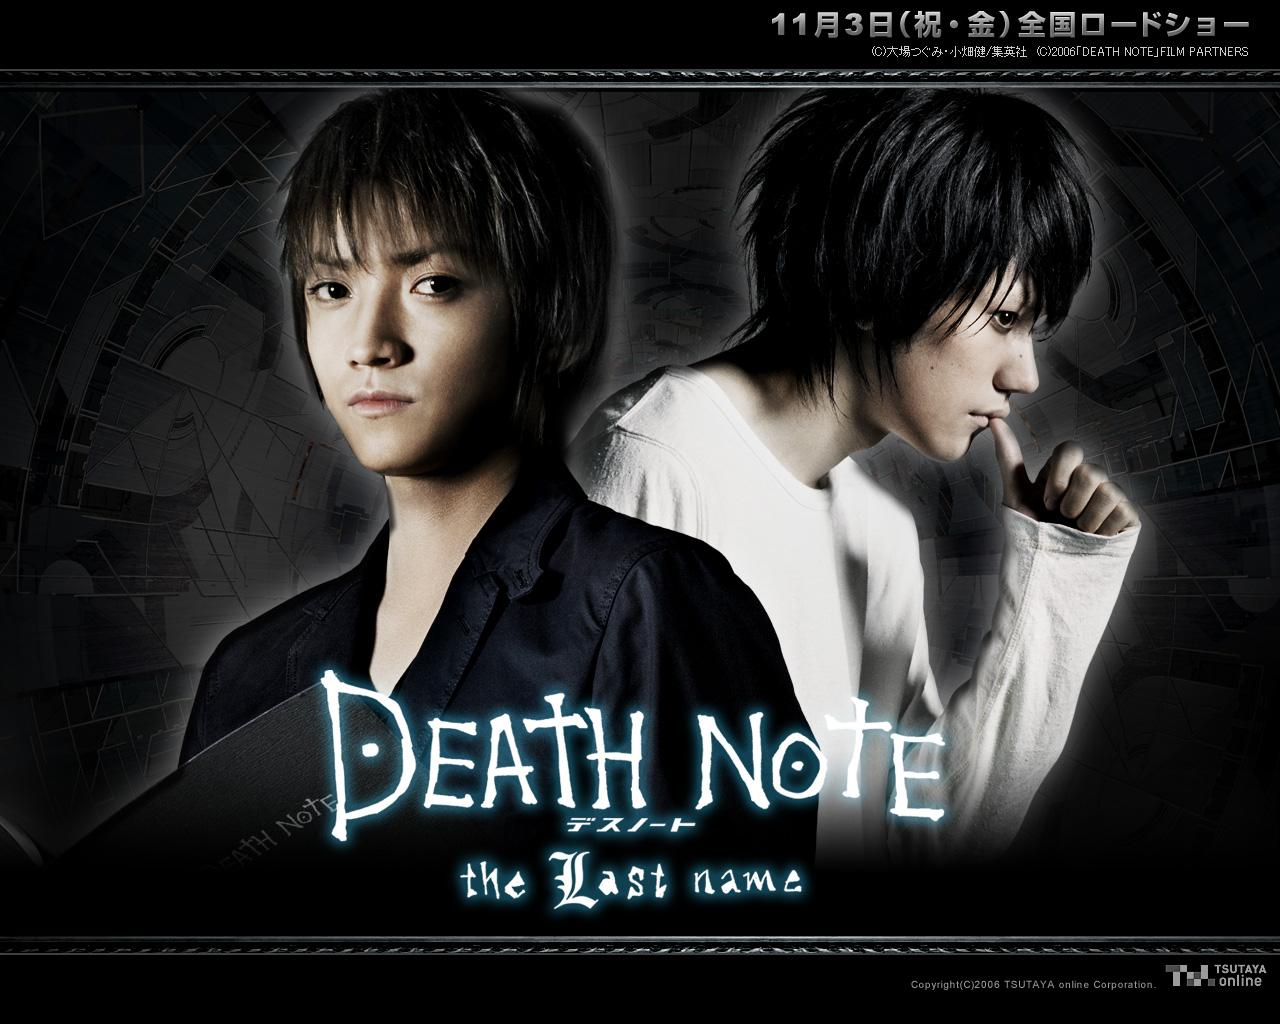 Death Note Movie Series